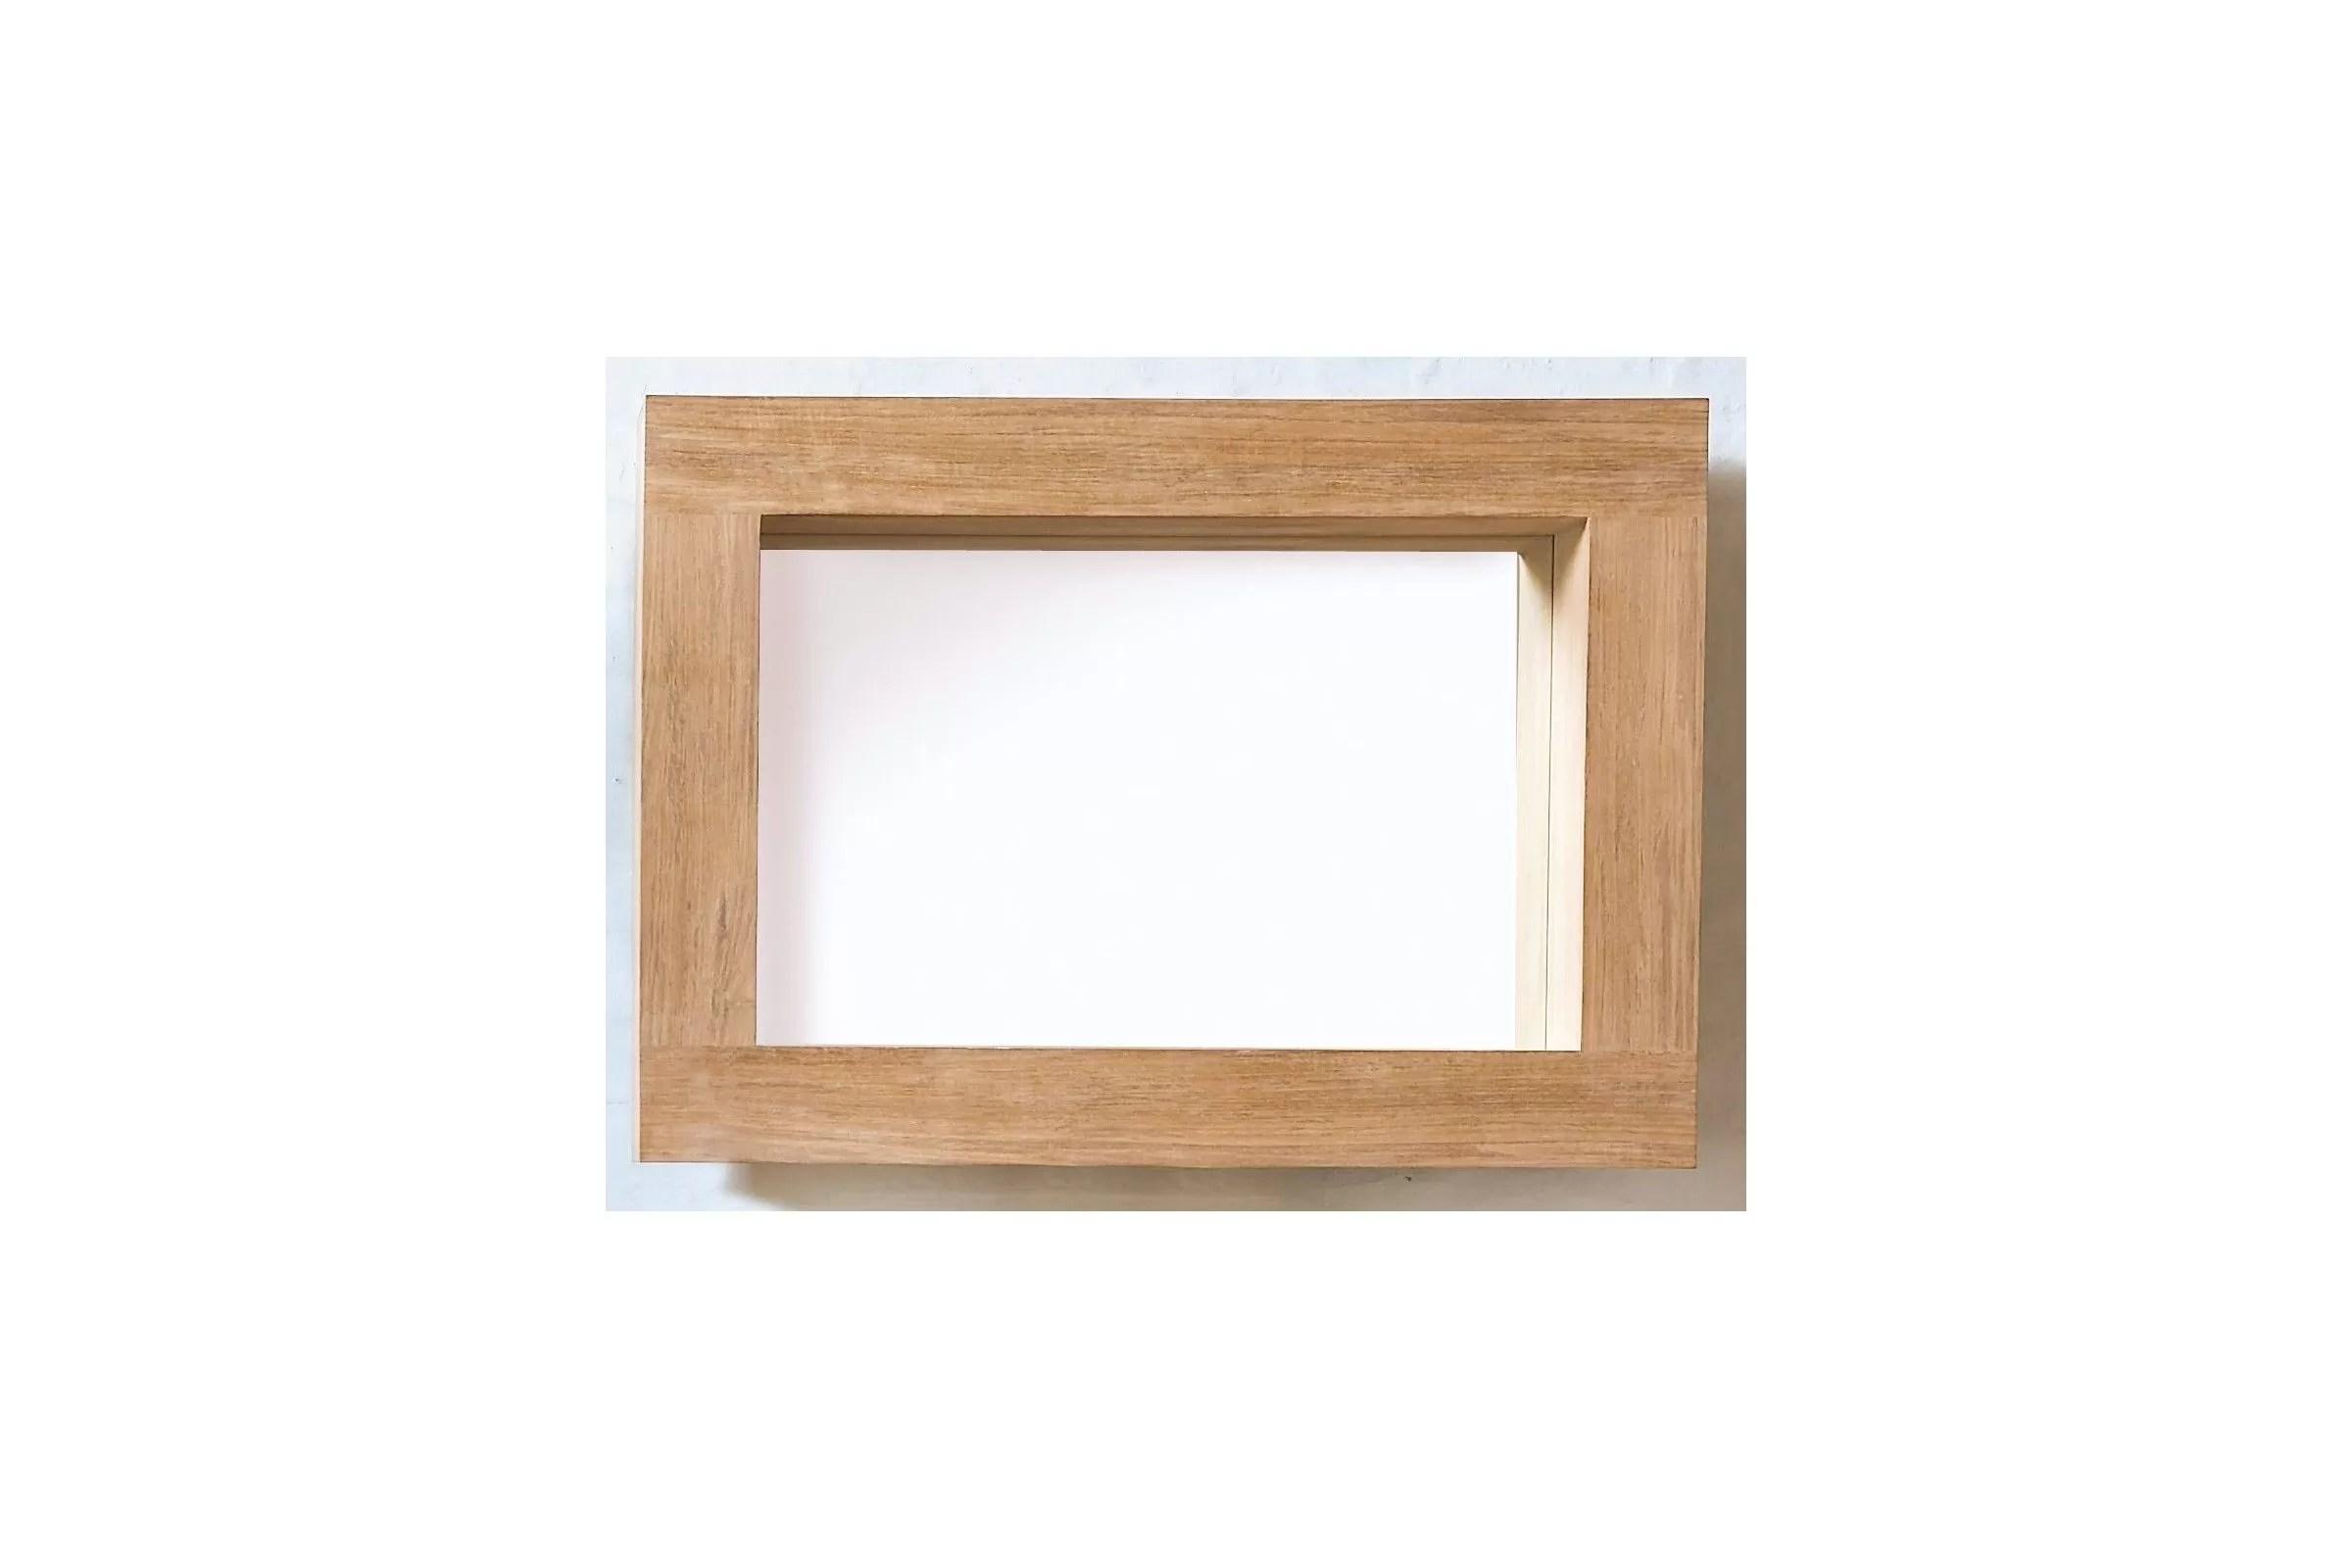 Miroir En Teck Pour La Salle De Bains Avec Encadrement Profond